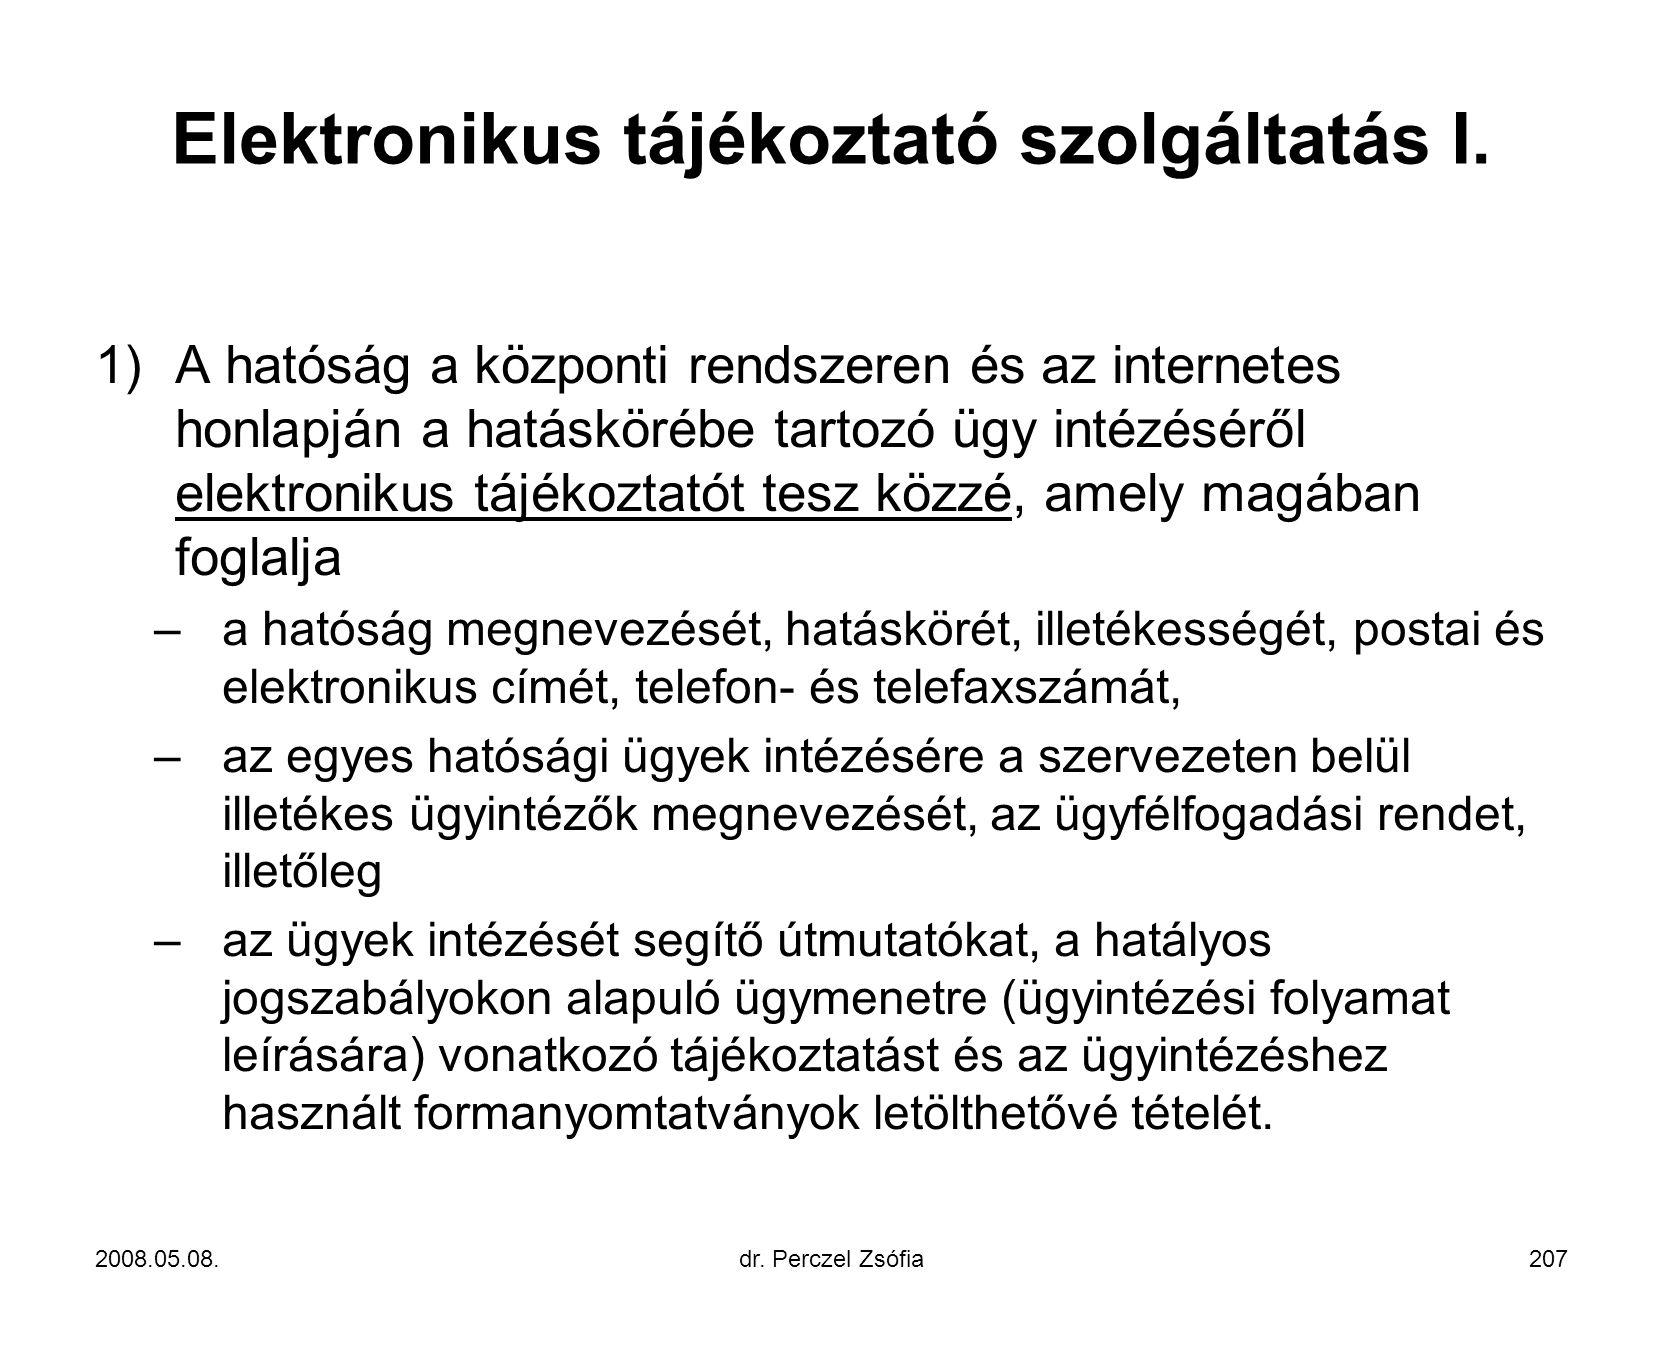 Elektronikus tájékoztató szolgáltatás I.